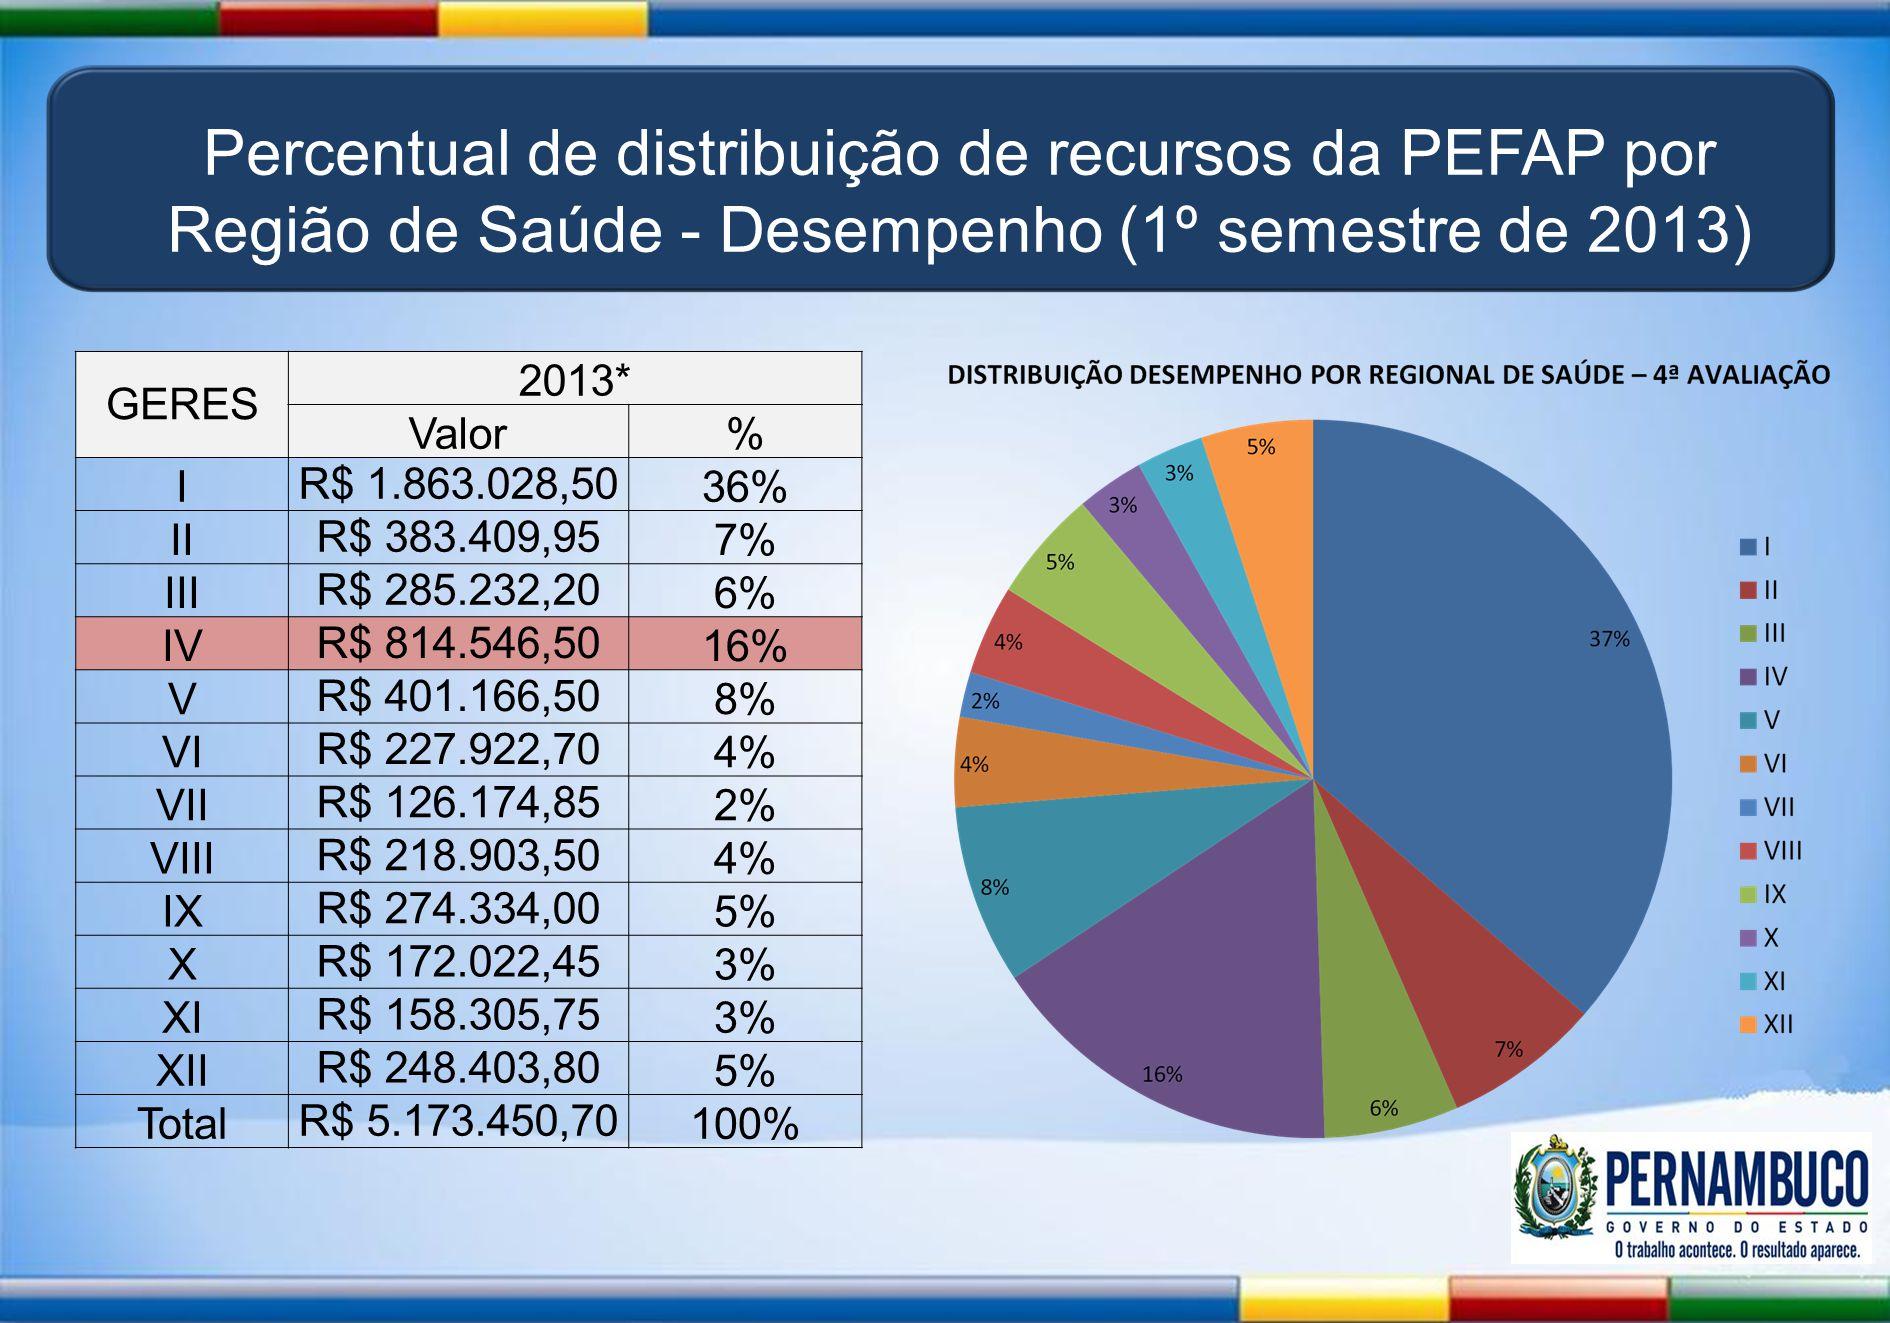 Percentual de distribuição de recursos da PEFAP por Região de Saúde - Desempenho (1º semestre de 2013)